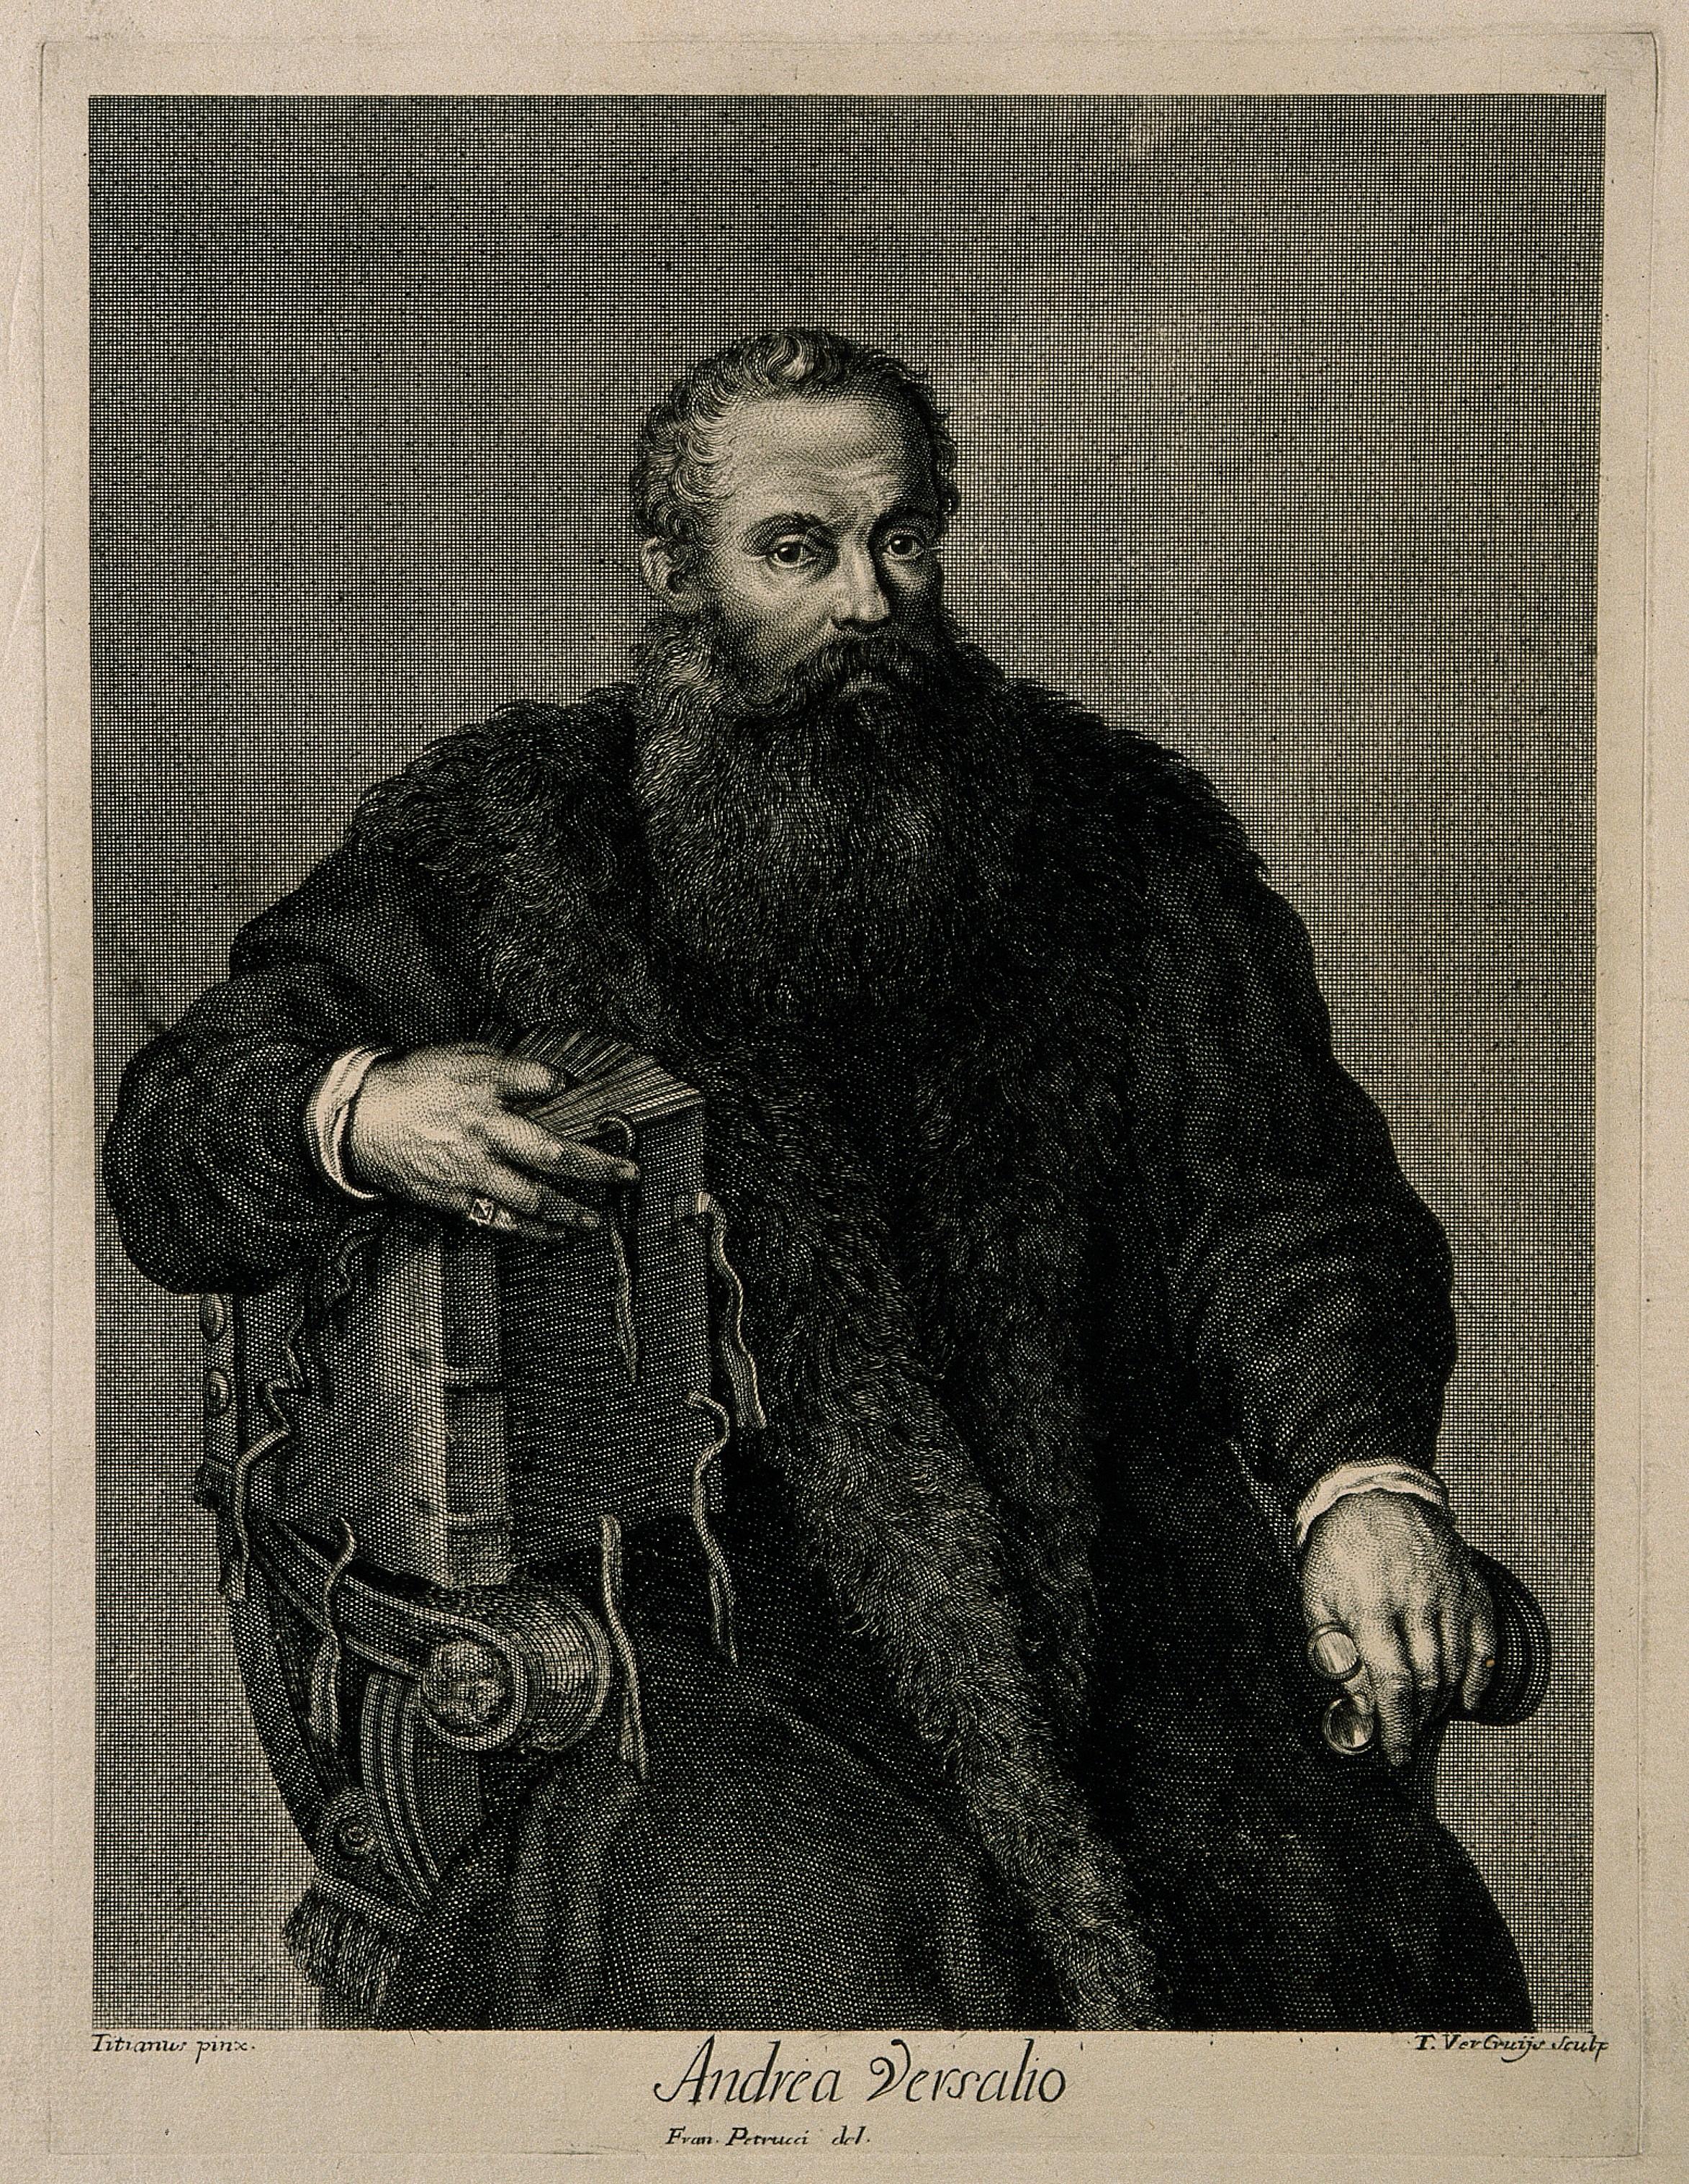 andreas vesalius Andreas vesalius (31 joulukuuta 1514, bryssel - 15 lokakuuta 1564, zákynthos) oli lääkäri ja tieteellisen anatomian uranuurtaja hän kirjoitti yhden anatomian historian vaikuttavimmista teoksista, de humani corporis fabrica libri septem (ihmisruumiin toiminnasta, 1537.